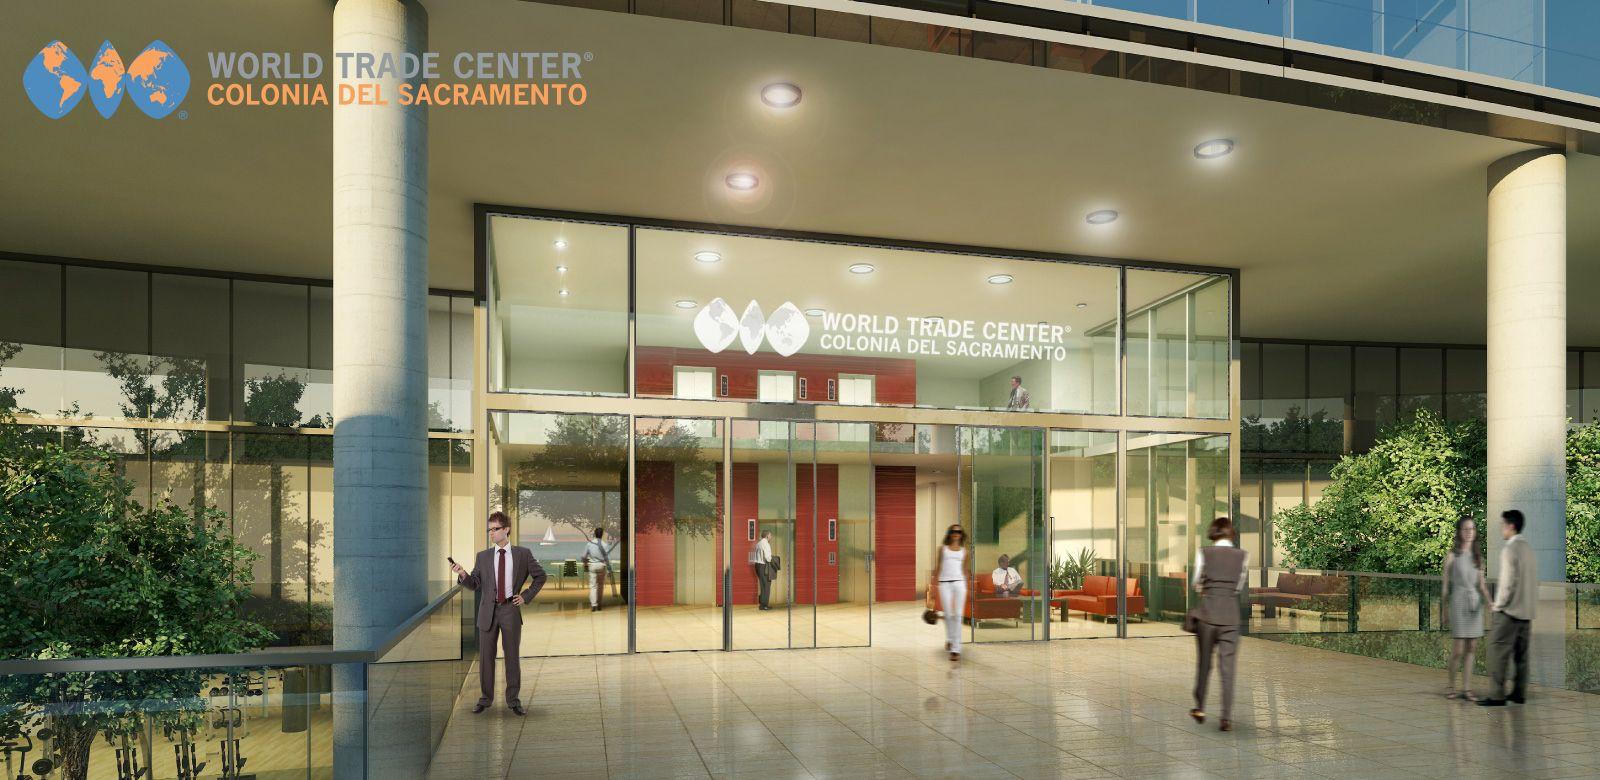 Así será el nuevo World Trade Center Colonia del Sacramento.